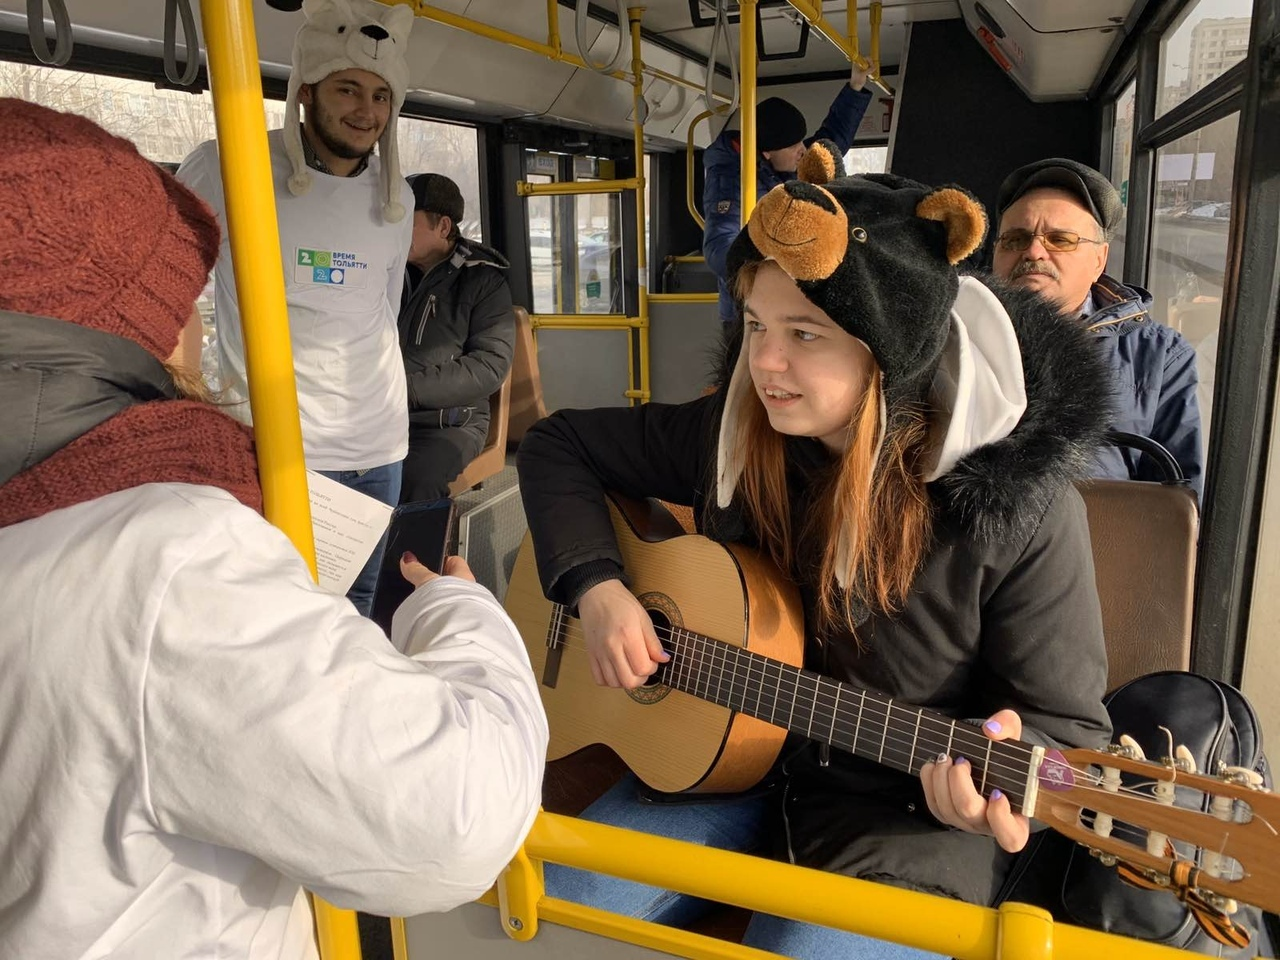 Тольяттинцев встретят в автобусах песнями, играми и конкурсами